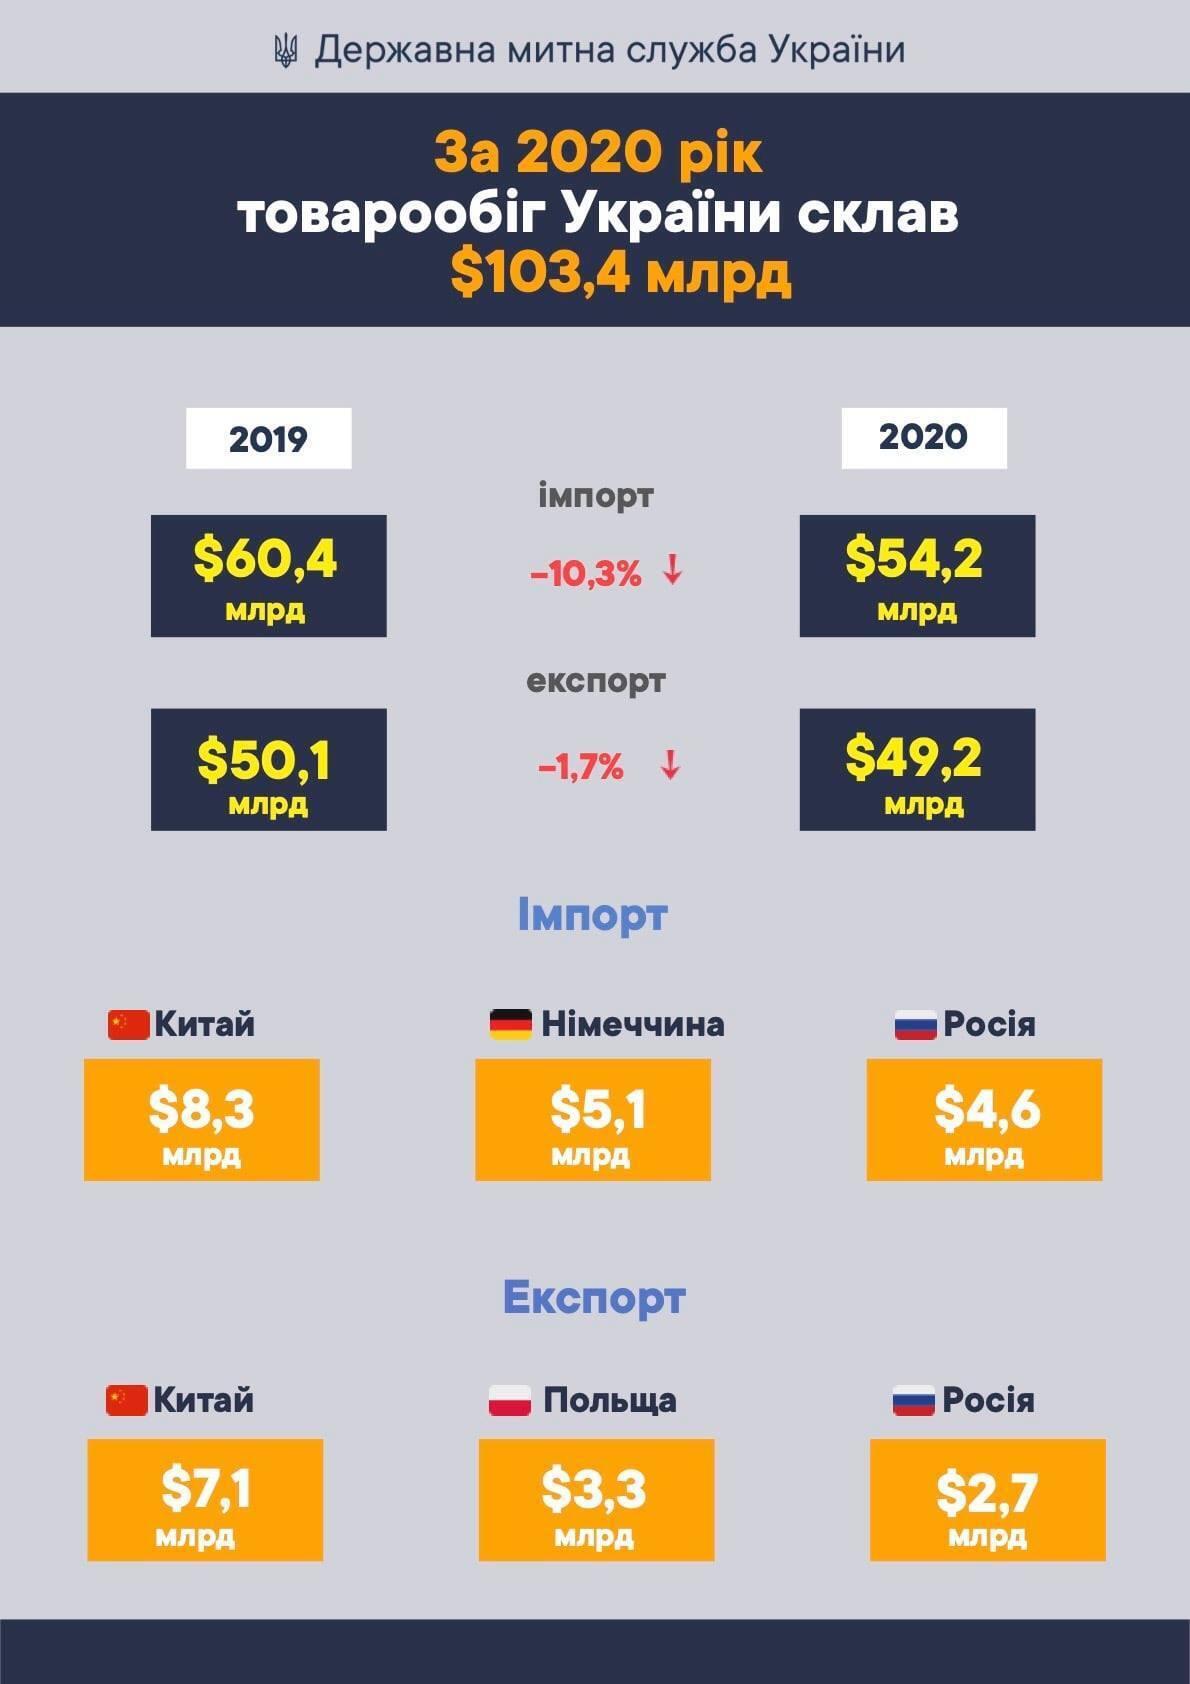 Россия попала в топ-3 главных торговых партнеров Украины в 2020 году